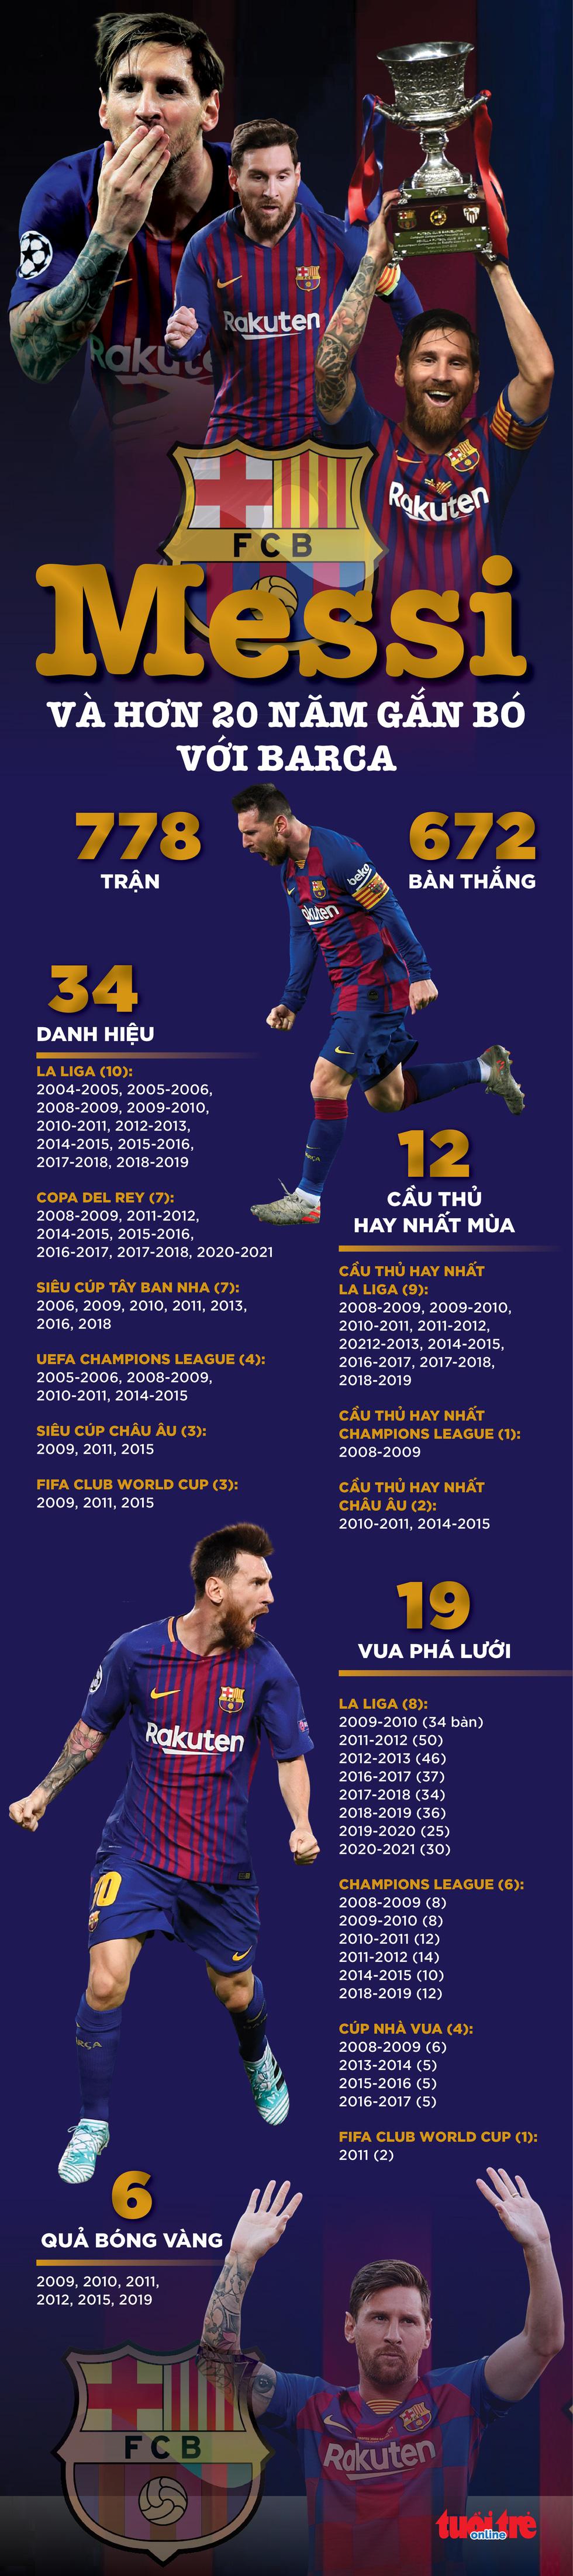 Họp báo bắt đầu: Messi khóc và nói không bao giờ nghĩ tới việc rời Barca - Ảnh 7.